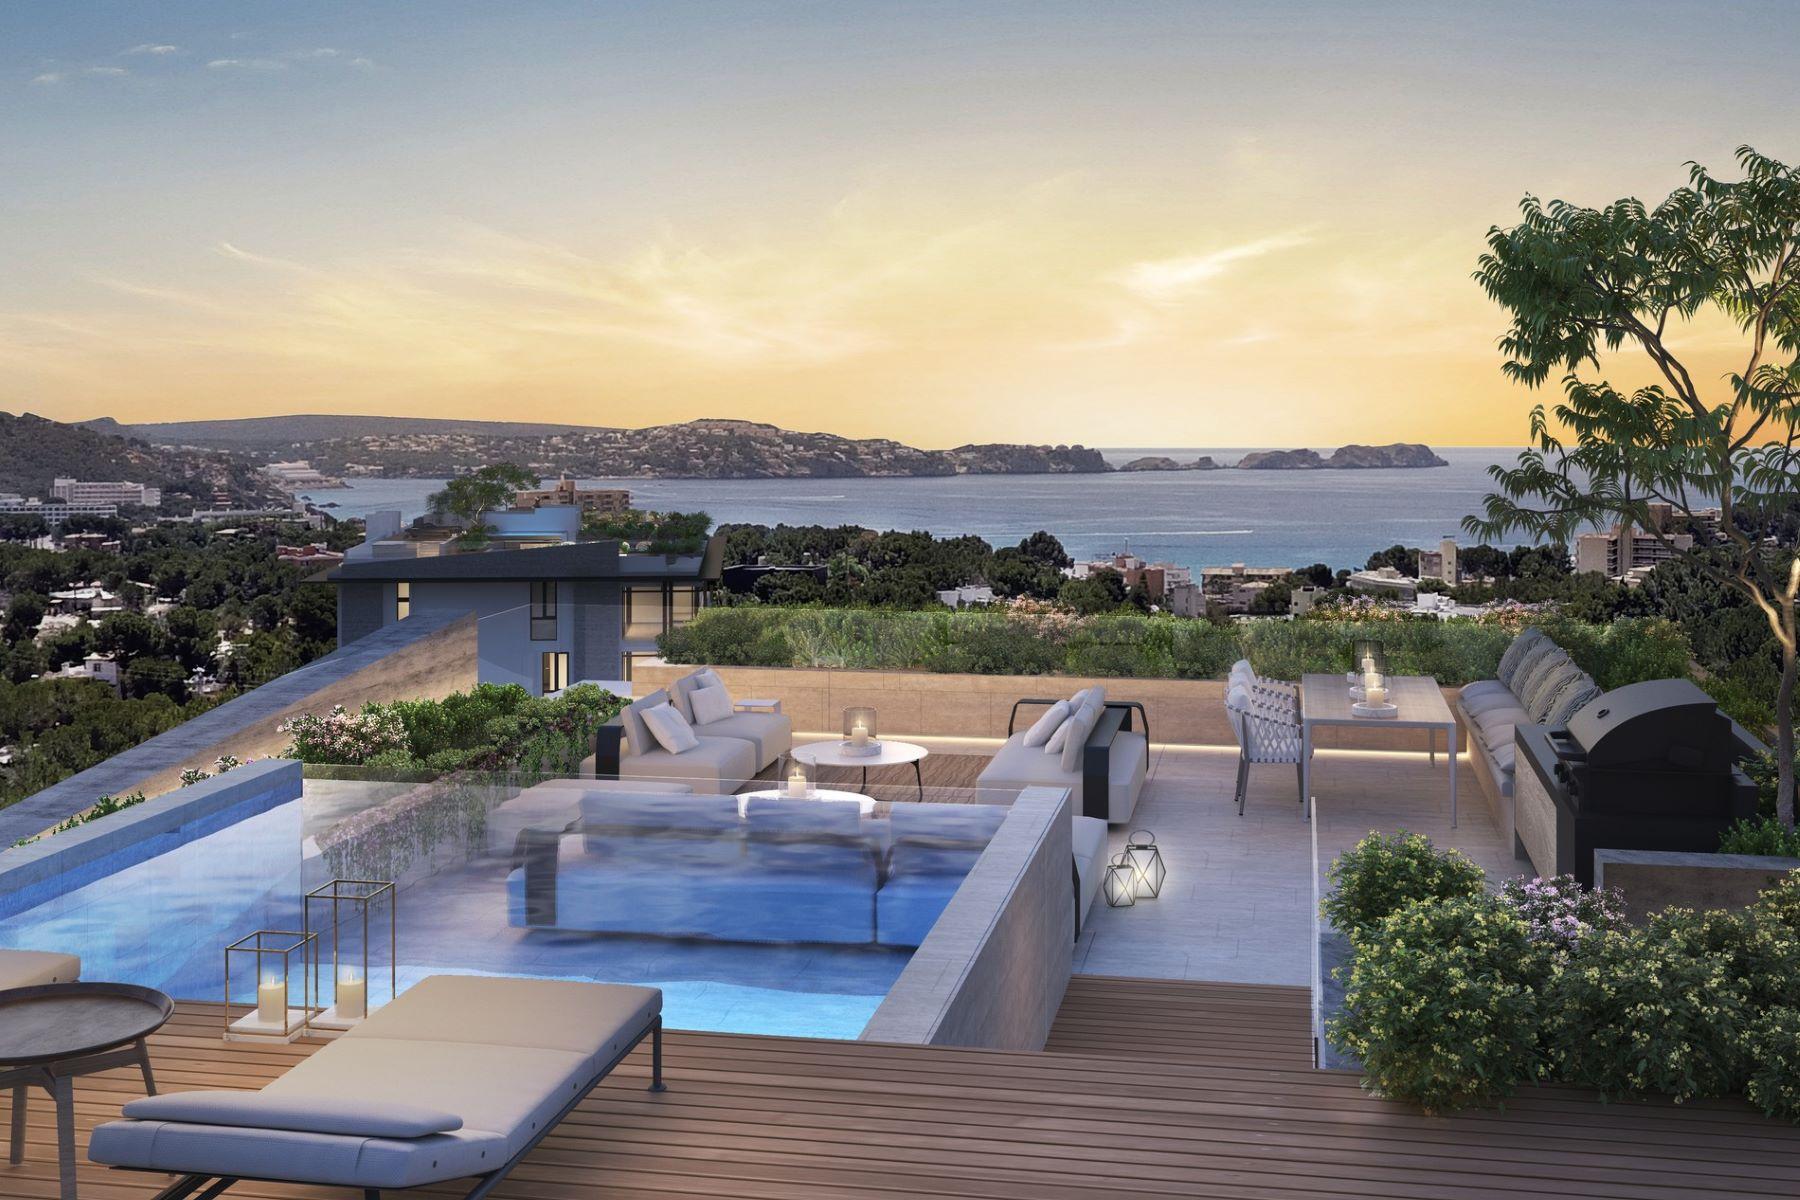 Tek Ailelik Ev için Satış at New apartments with terrace in luxury resort Other Balearic Islands, Balearic Islands, Ispanya